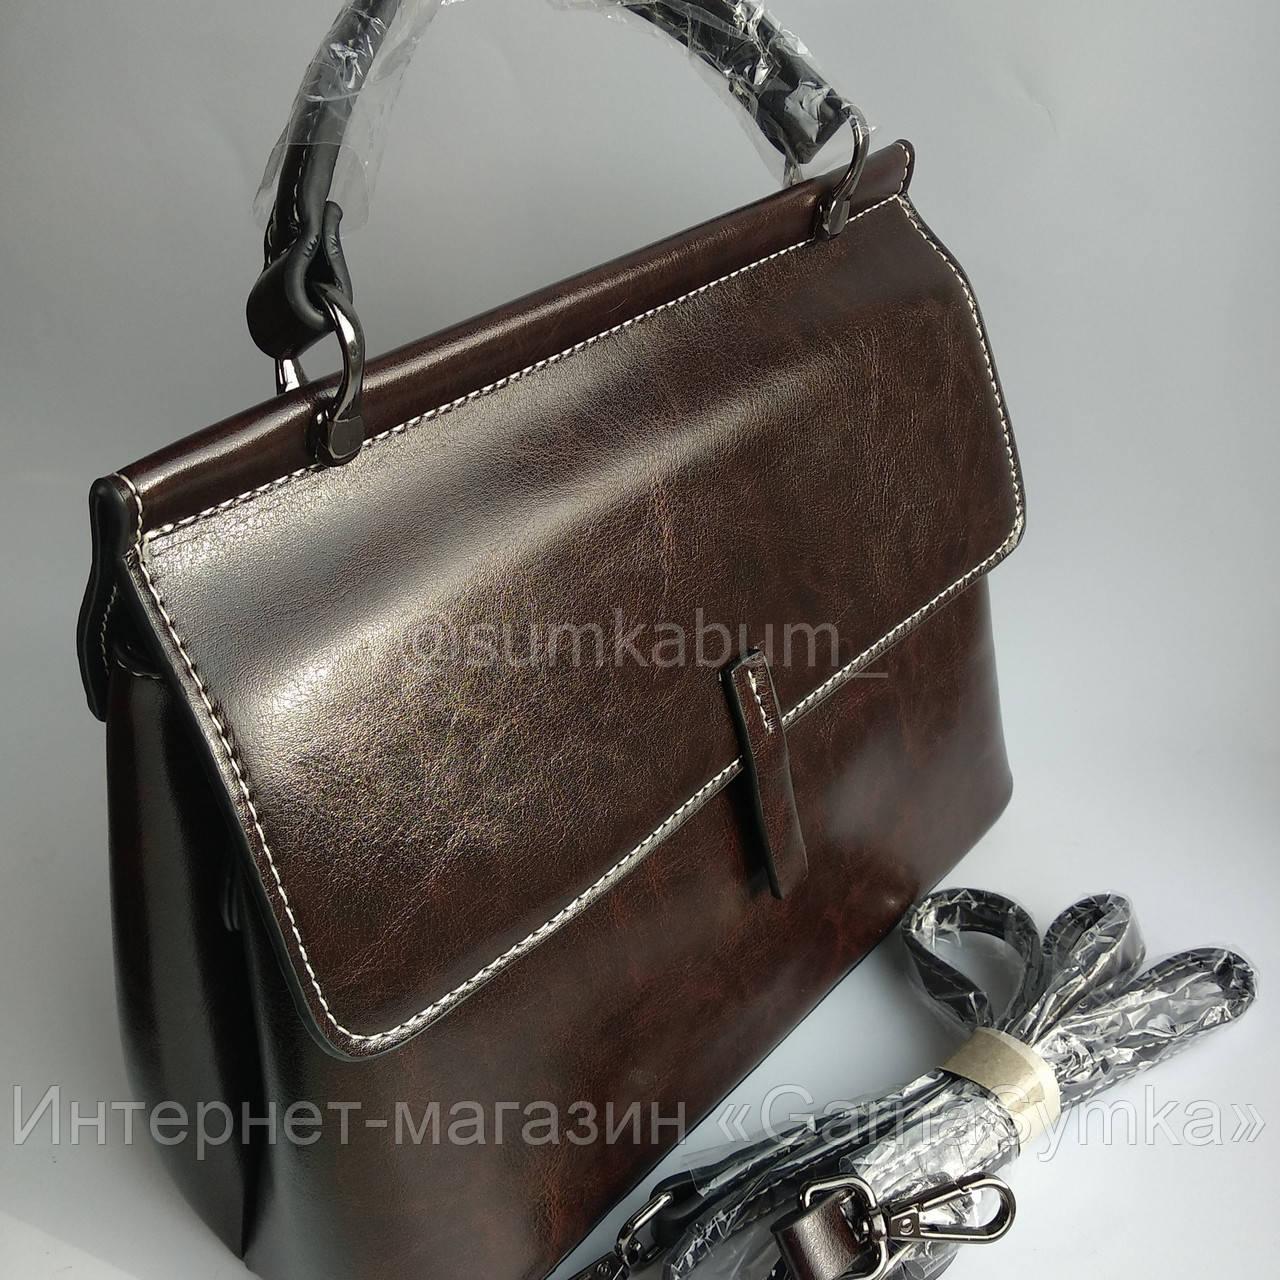 Красивая сумка из натуральной высококачественной воловьей кожи